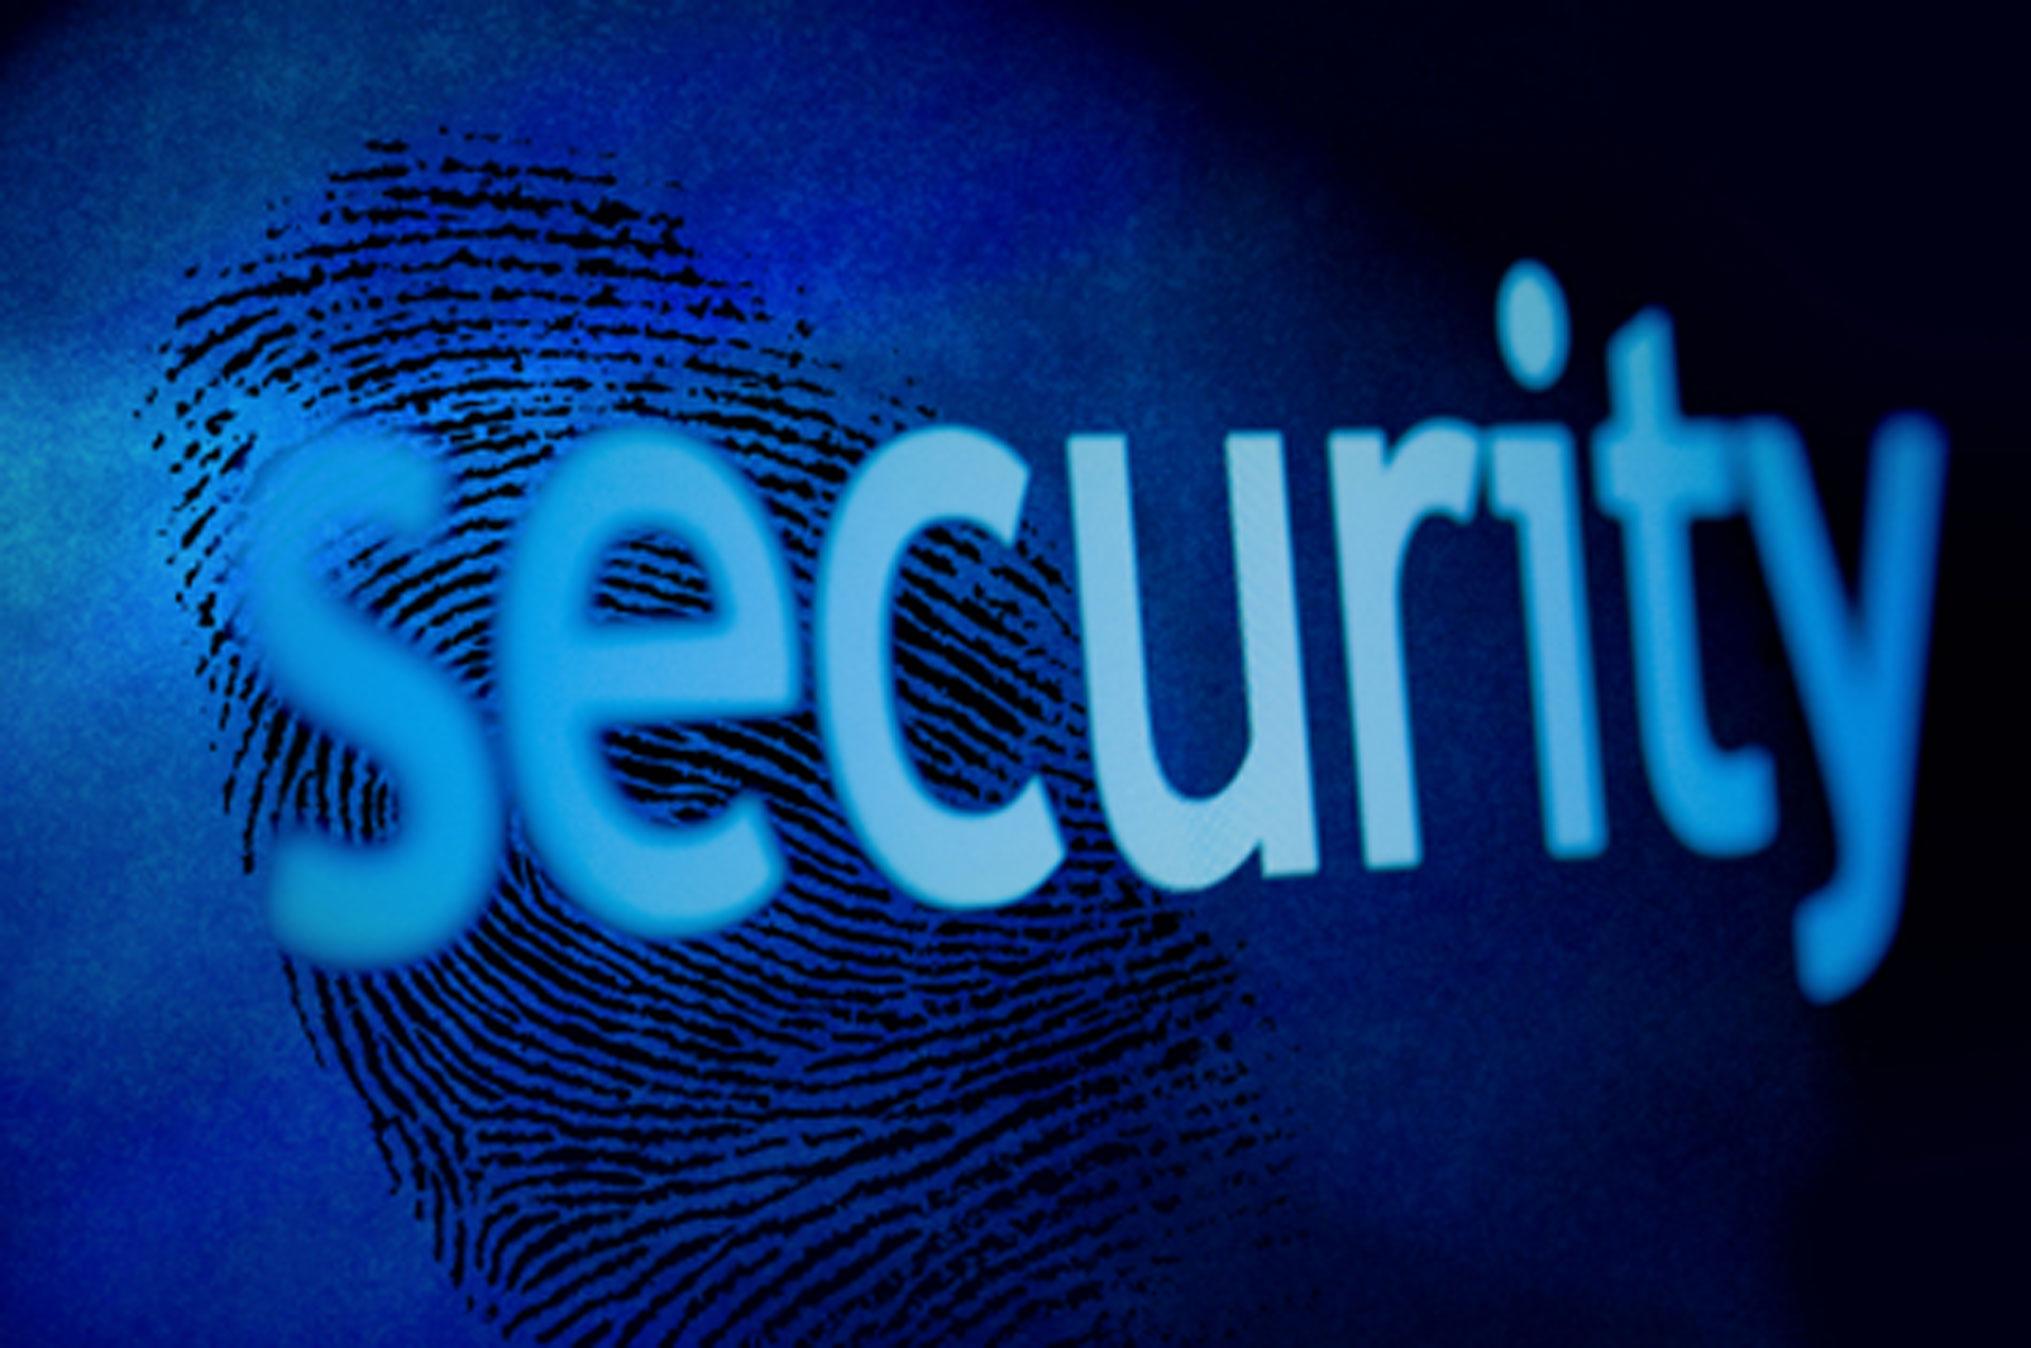 Blue Coat – A Market Leader In Enterprise Security